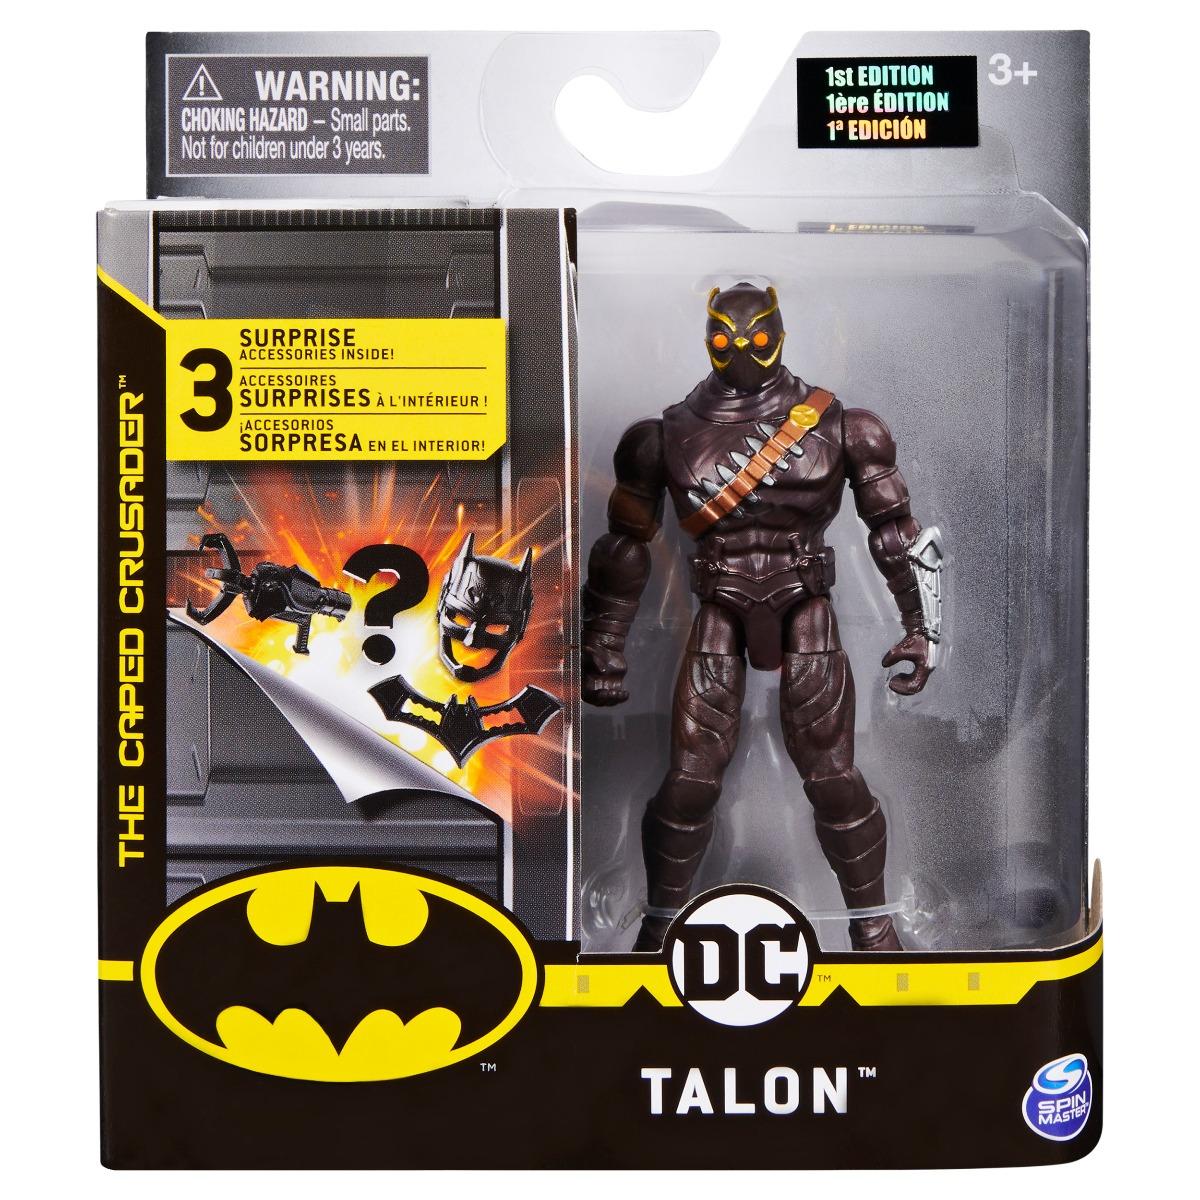 Set Figurina cu accesorii surpriza Batman, Talon 20125094